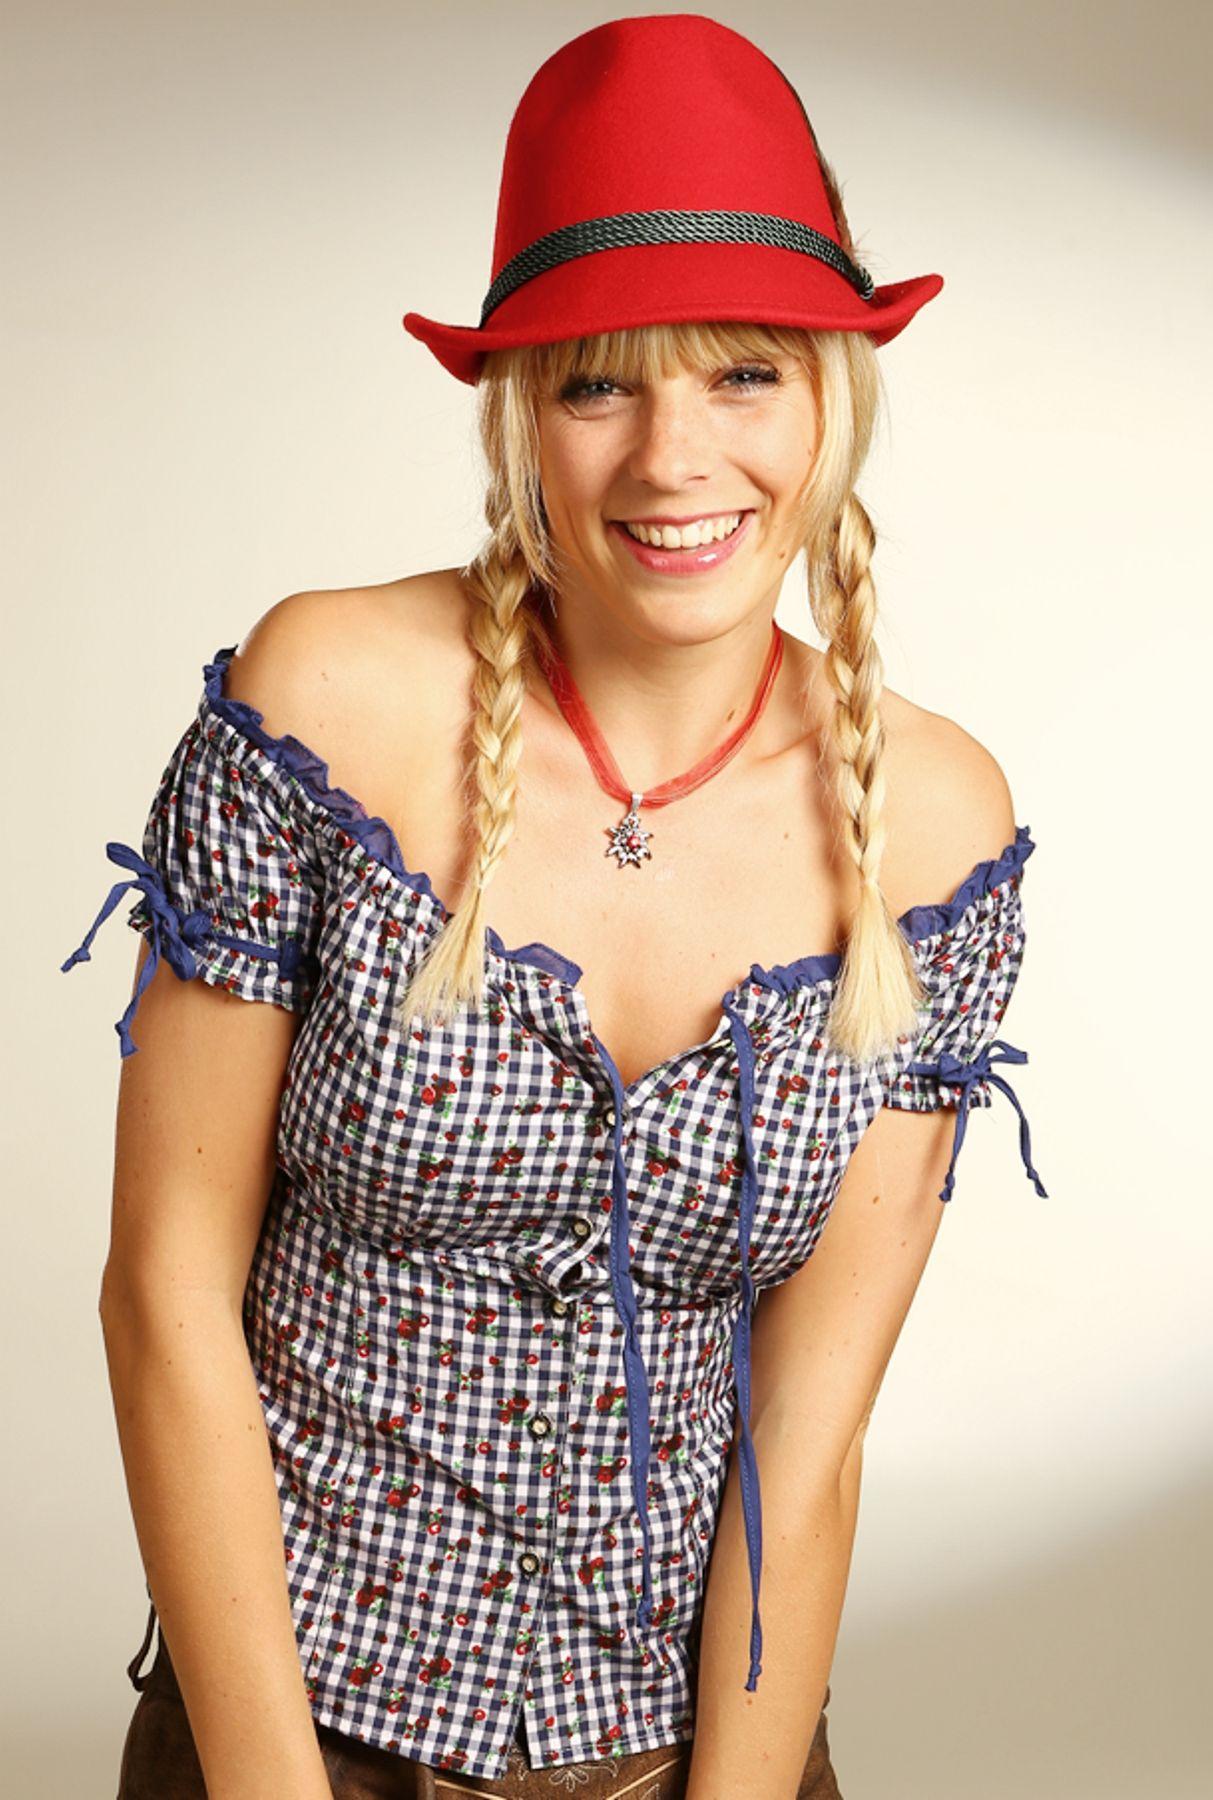 Fuchs Trachten - Damen Trachten Bluse in versch. Farben, (Artikelnummer: 4545) – Bild 4